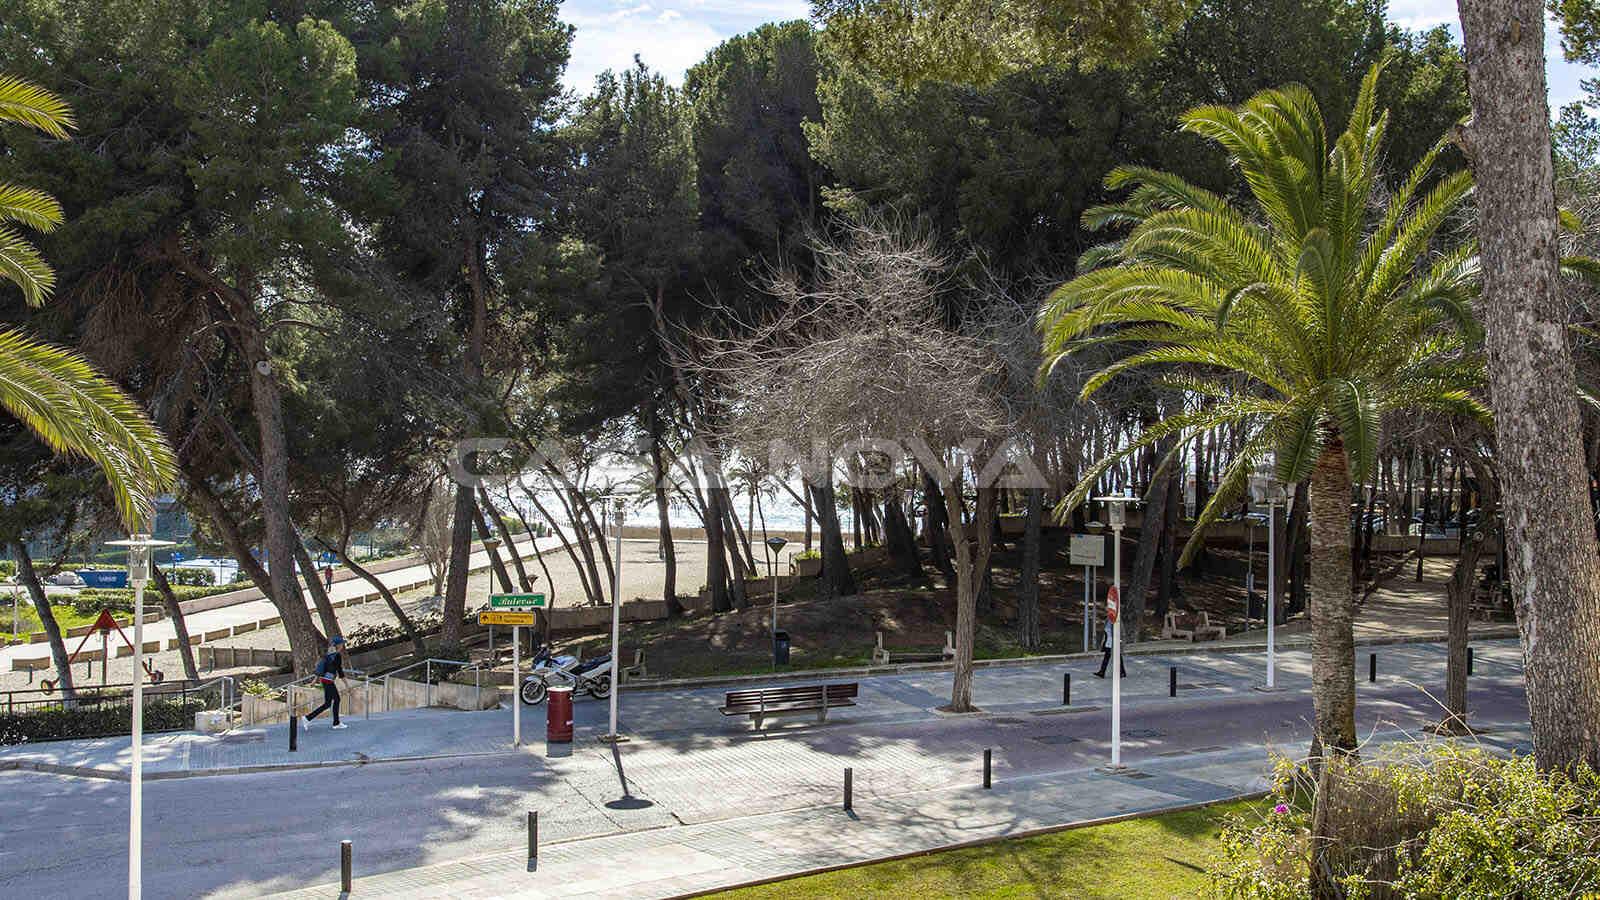 Blick auf die Promenade, Grünzone und aufs Meer